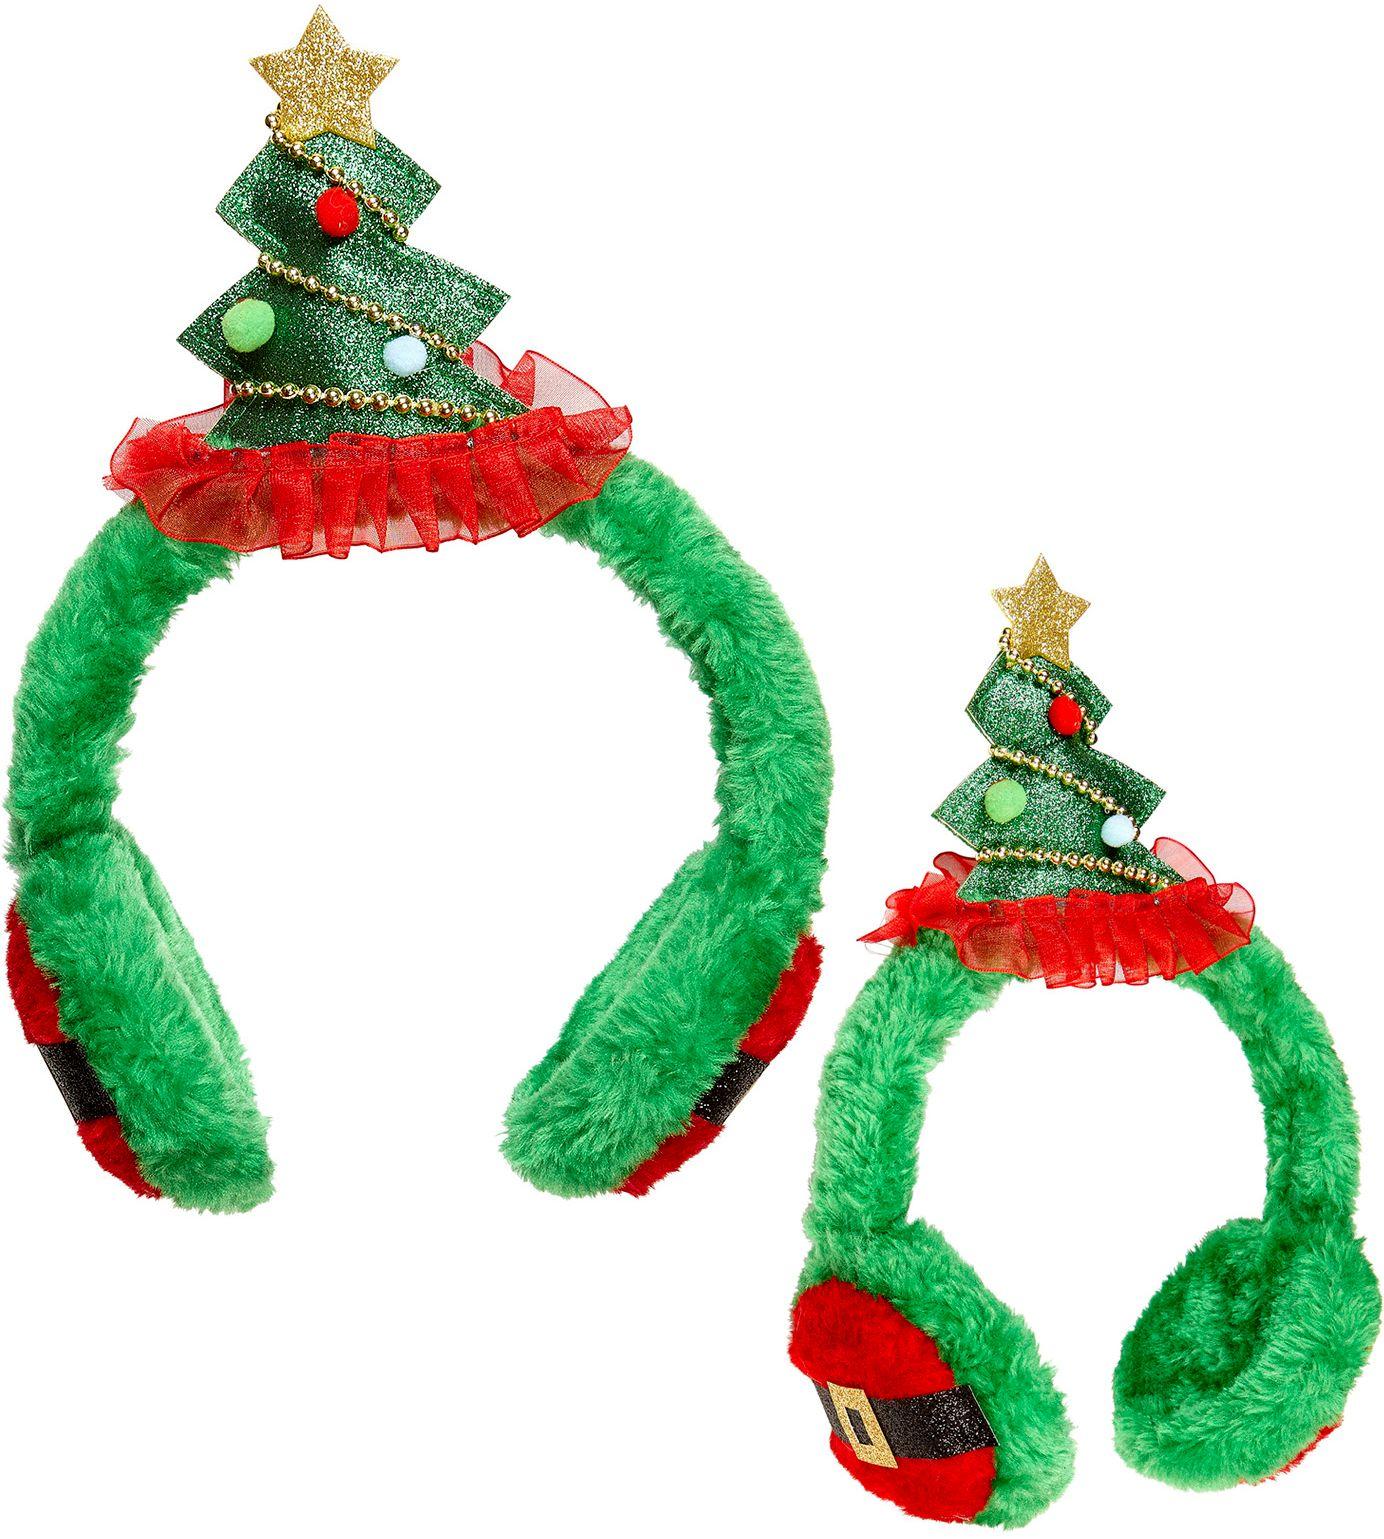 Kerstboom oorbeschermers